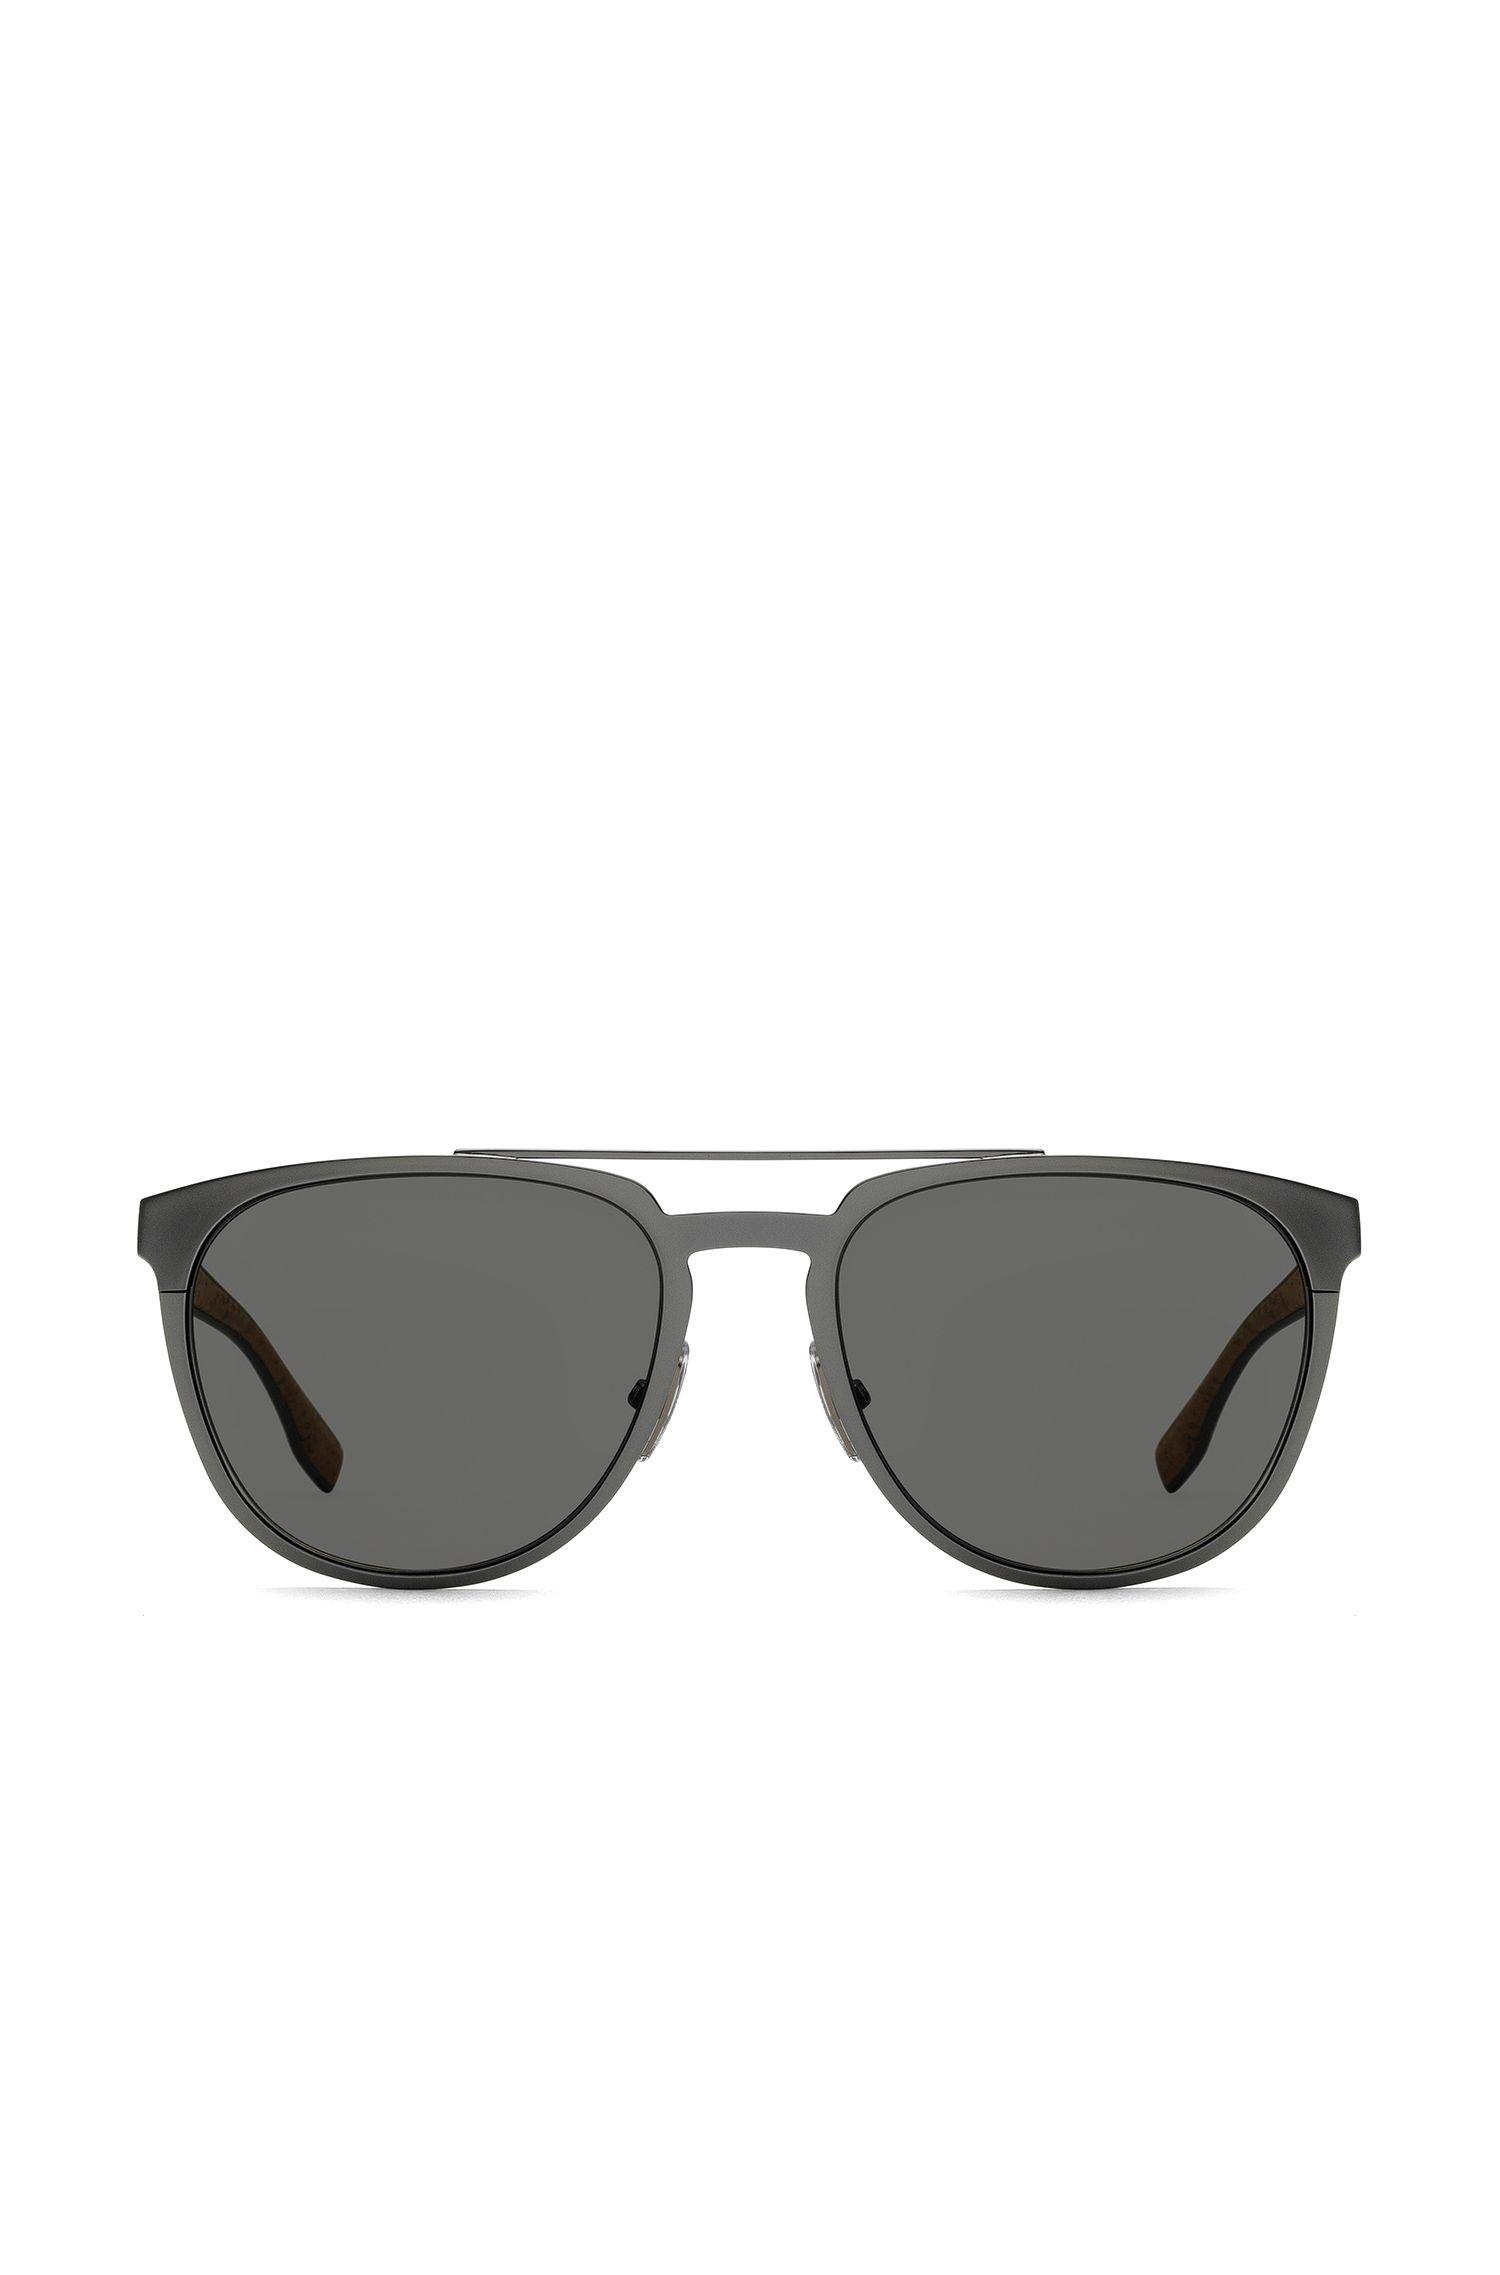 Occhiali da sole in metallo grigio scuro con inserto in sughero, Argento